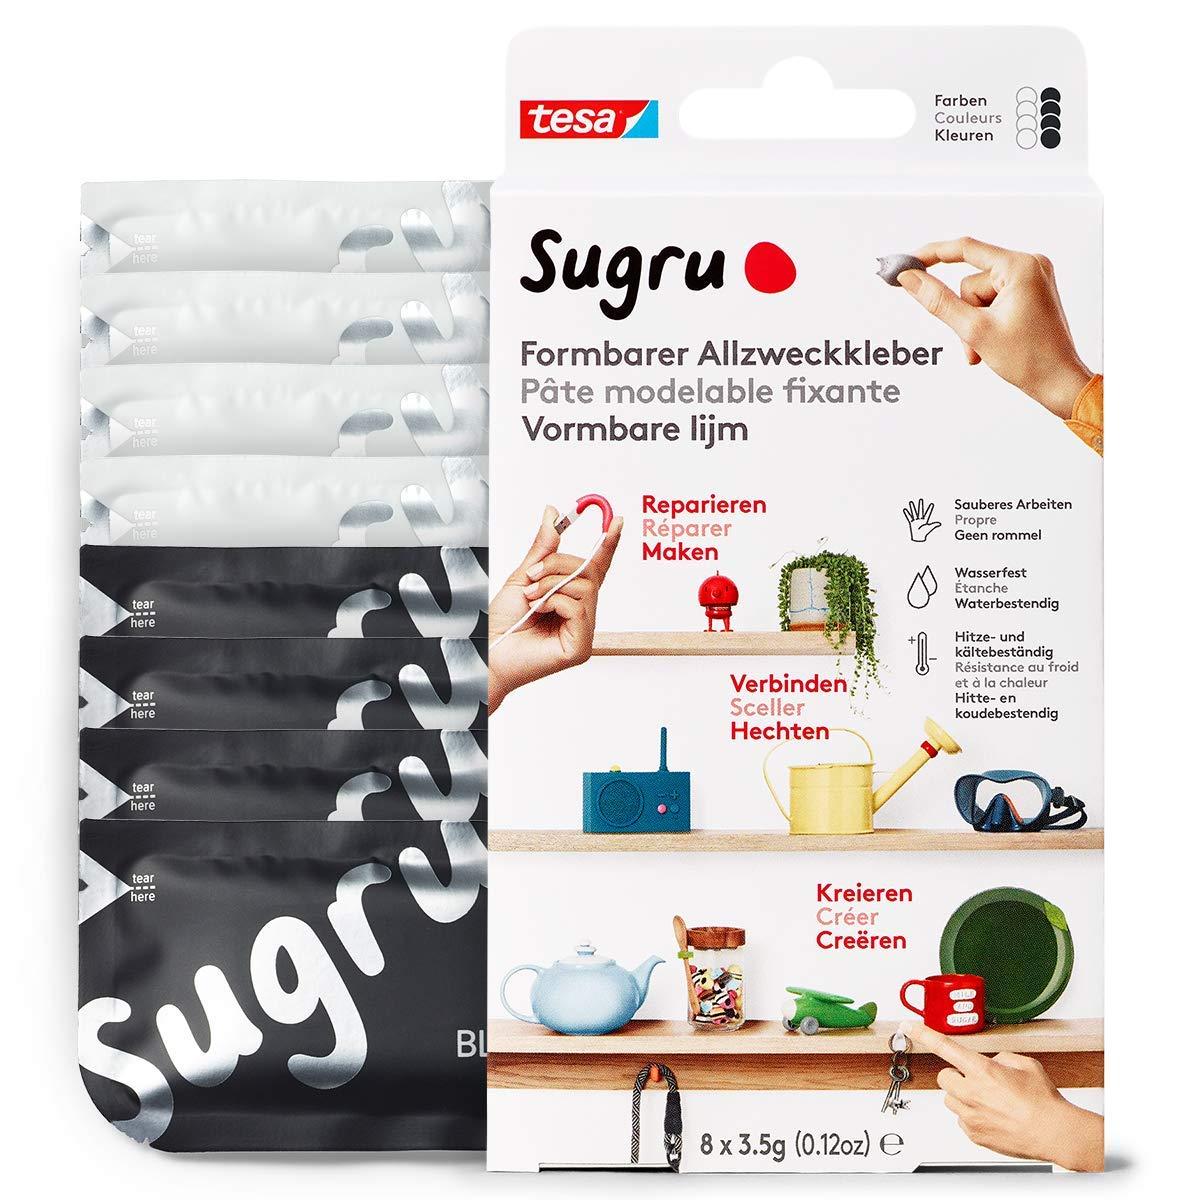 Sugru by tesa® - Formbarer Allzweckkleber, starker Allzweck-Klebstoff, 8er-Pack (8 x 3,5 g) in Schwa